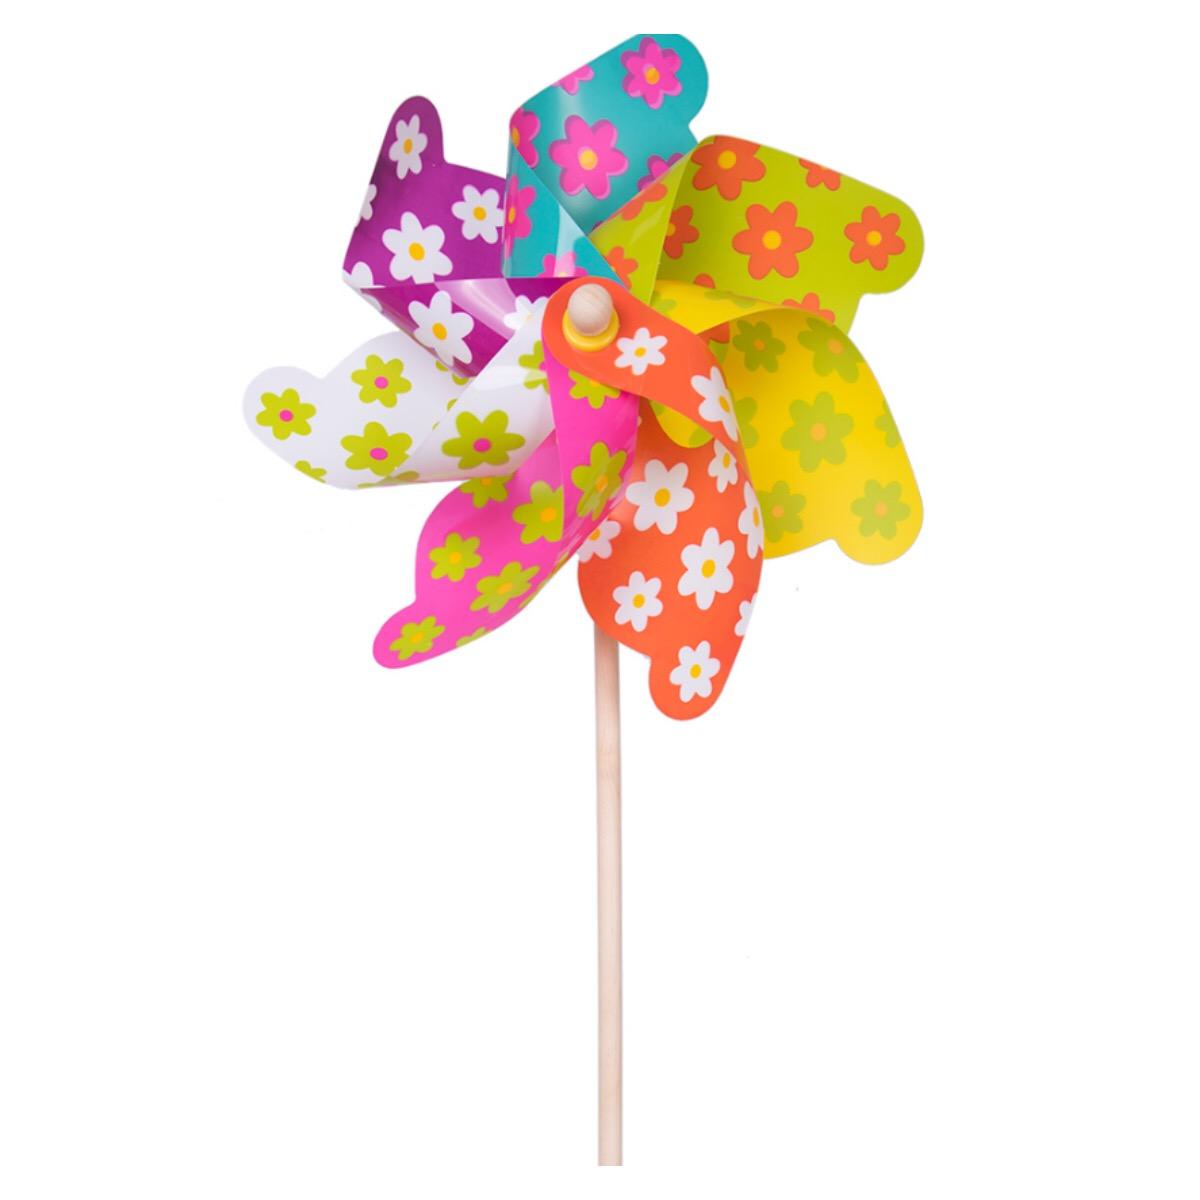 Ветрячок – Цветочки, 110 смРазное<br>Ветрячок – Цветочки, 110 см<br>